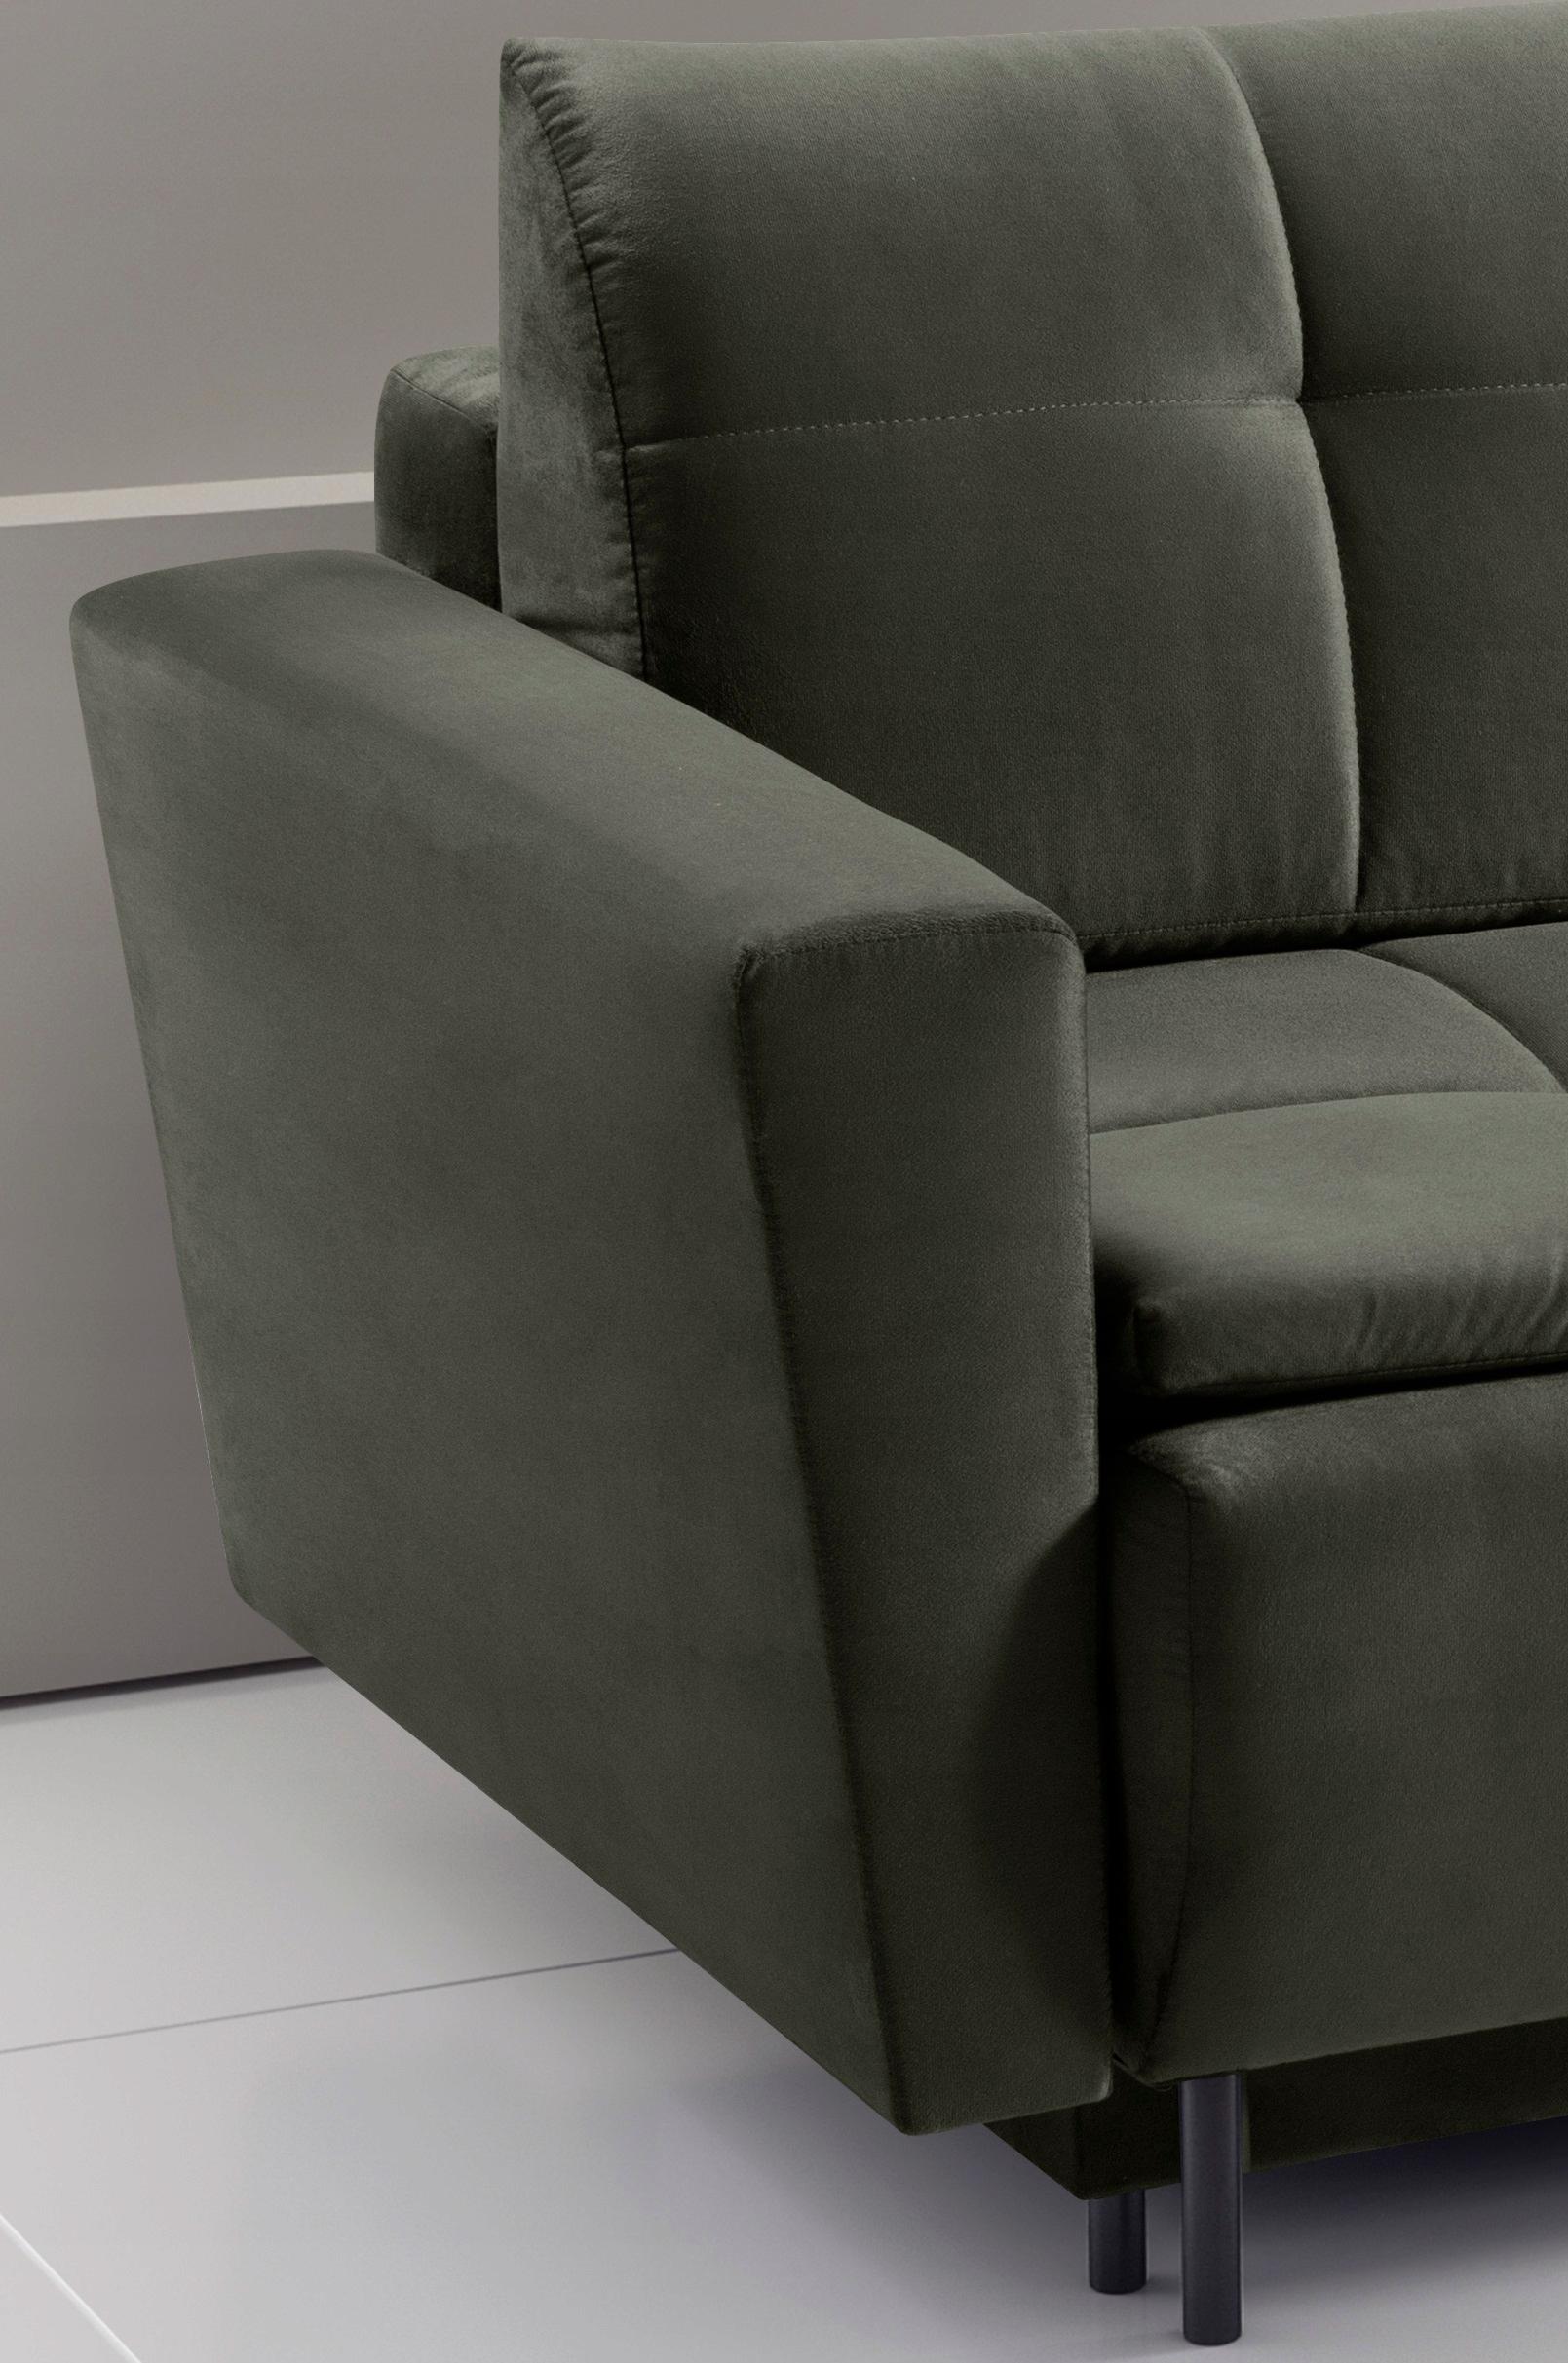 Großes Sofa SARA ausklappbares Schlafsofa - Farben Zusätzliche Informationen Schlaffunktion Armlehnen Bettwäschecontainer für lose Kissen